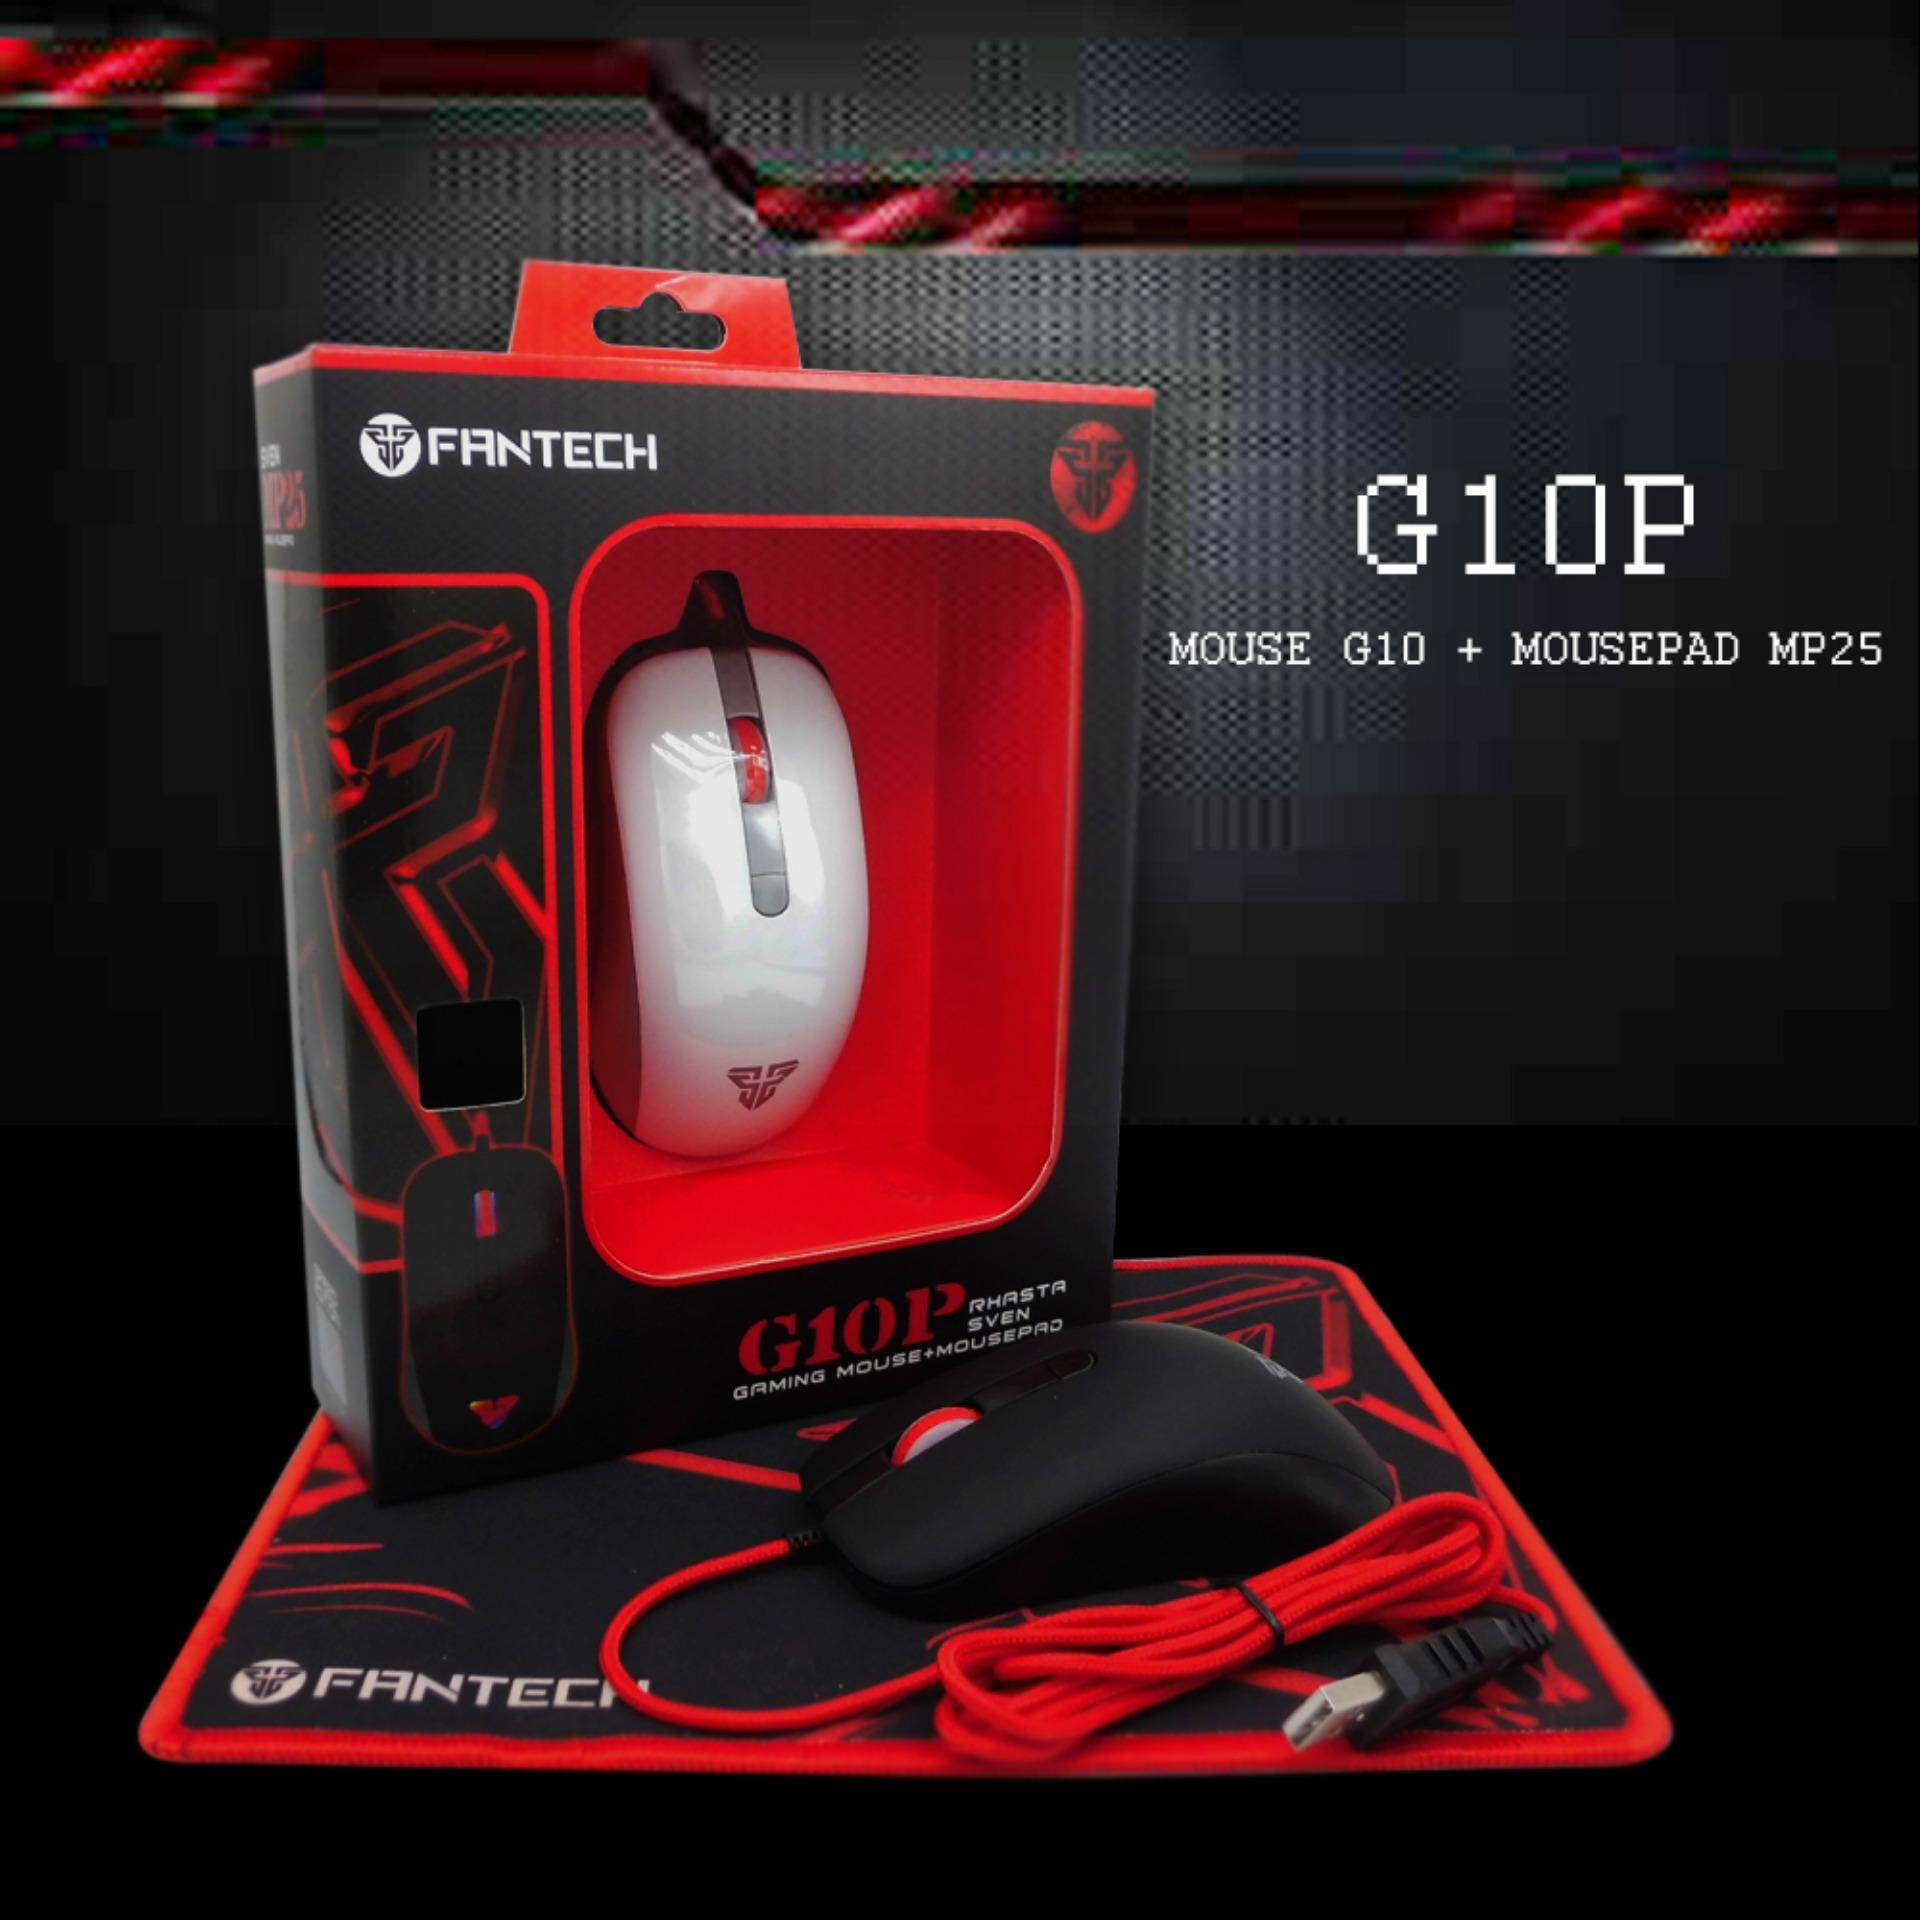 Spesifikasi Fantech G10P Rhasta Sven Mouse Gaming Mousepad Hitam Lengkap